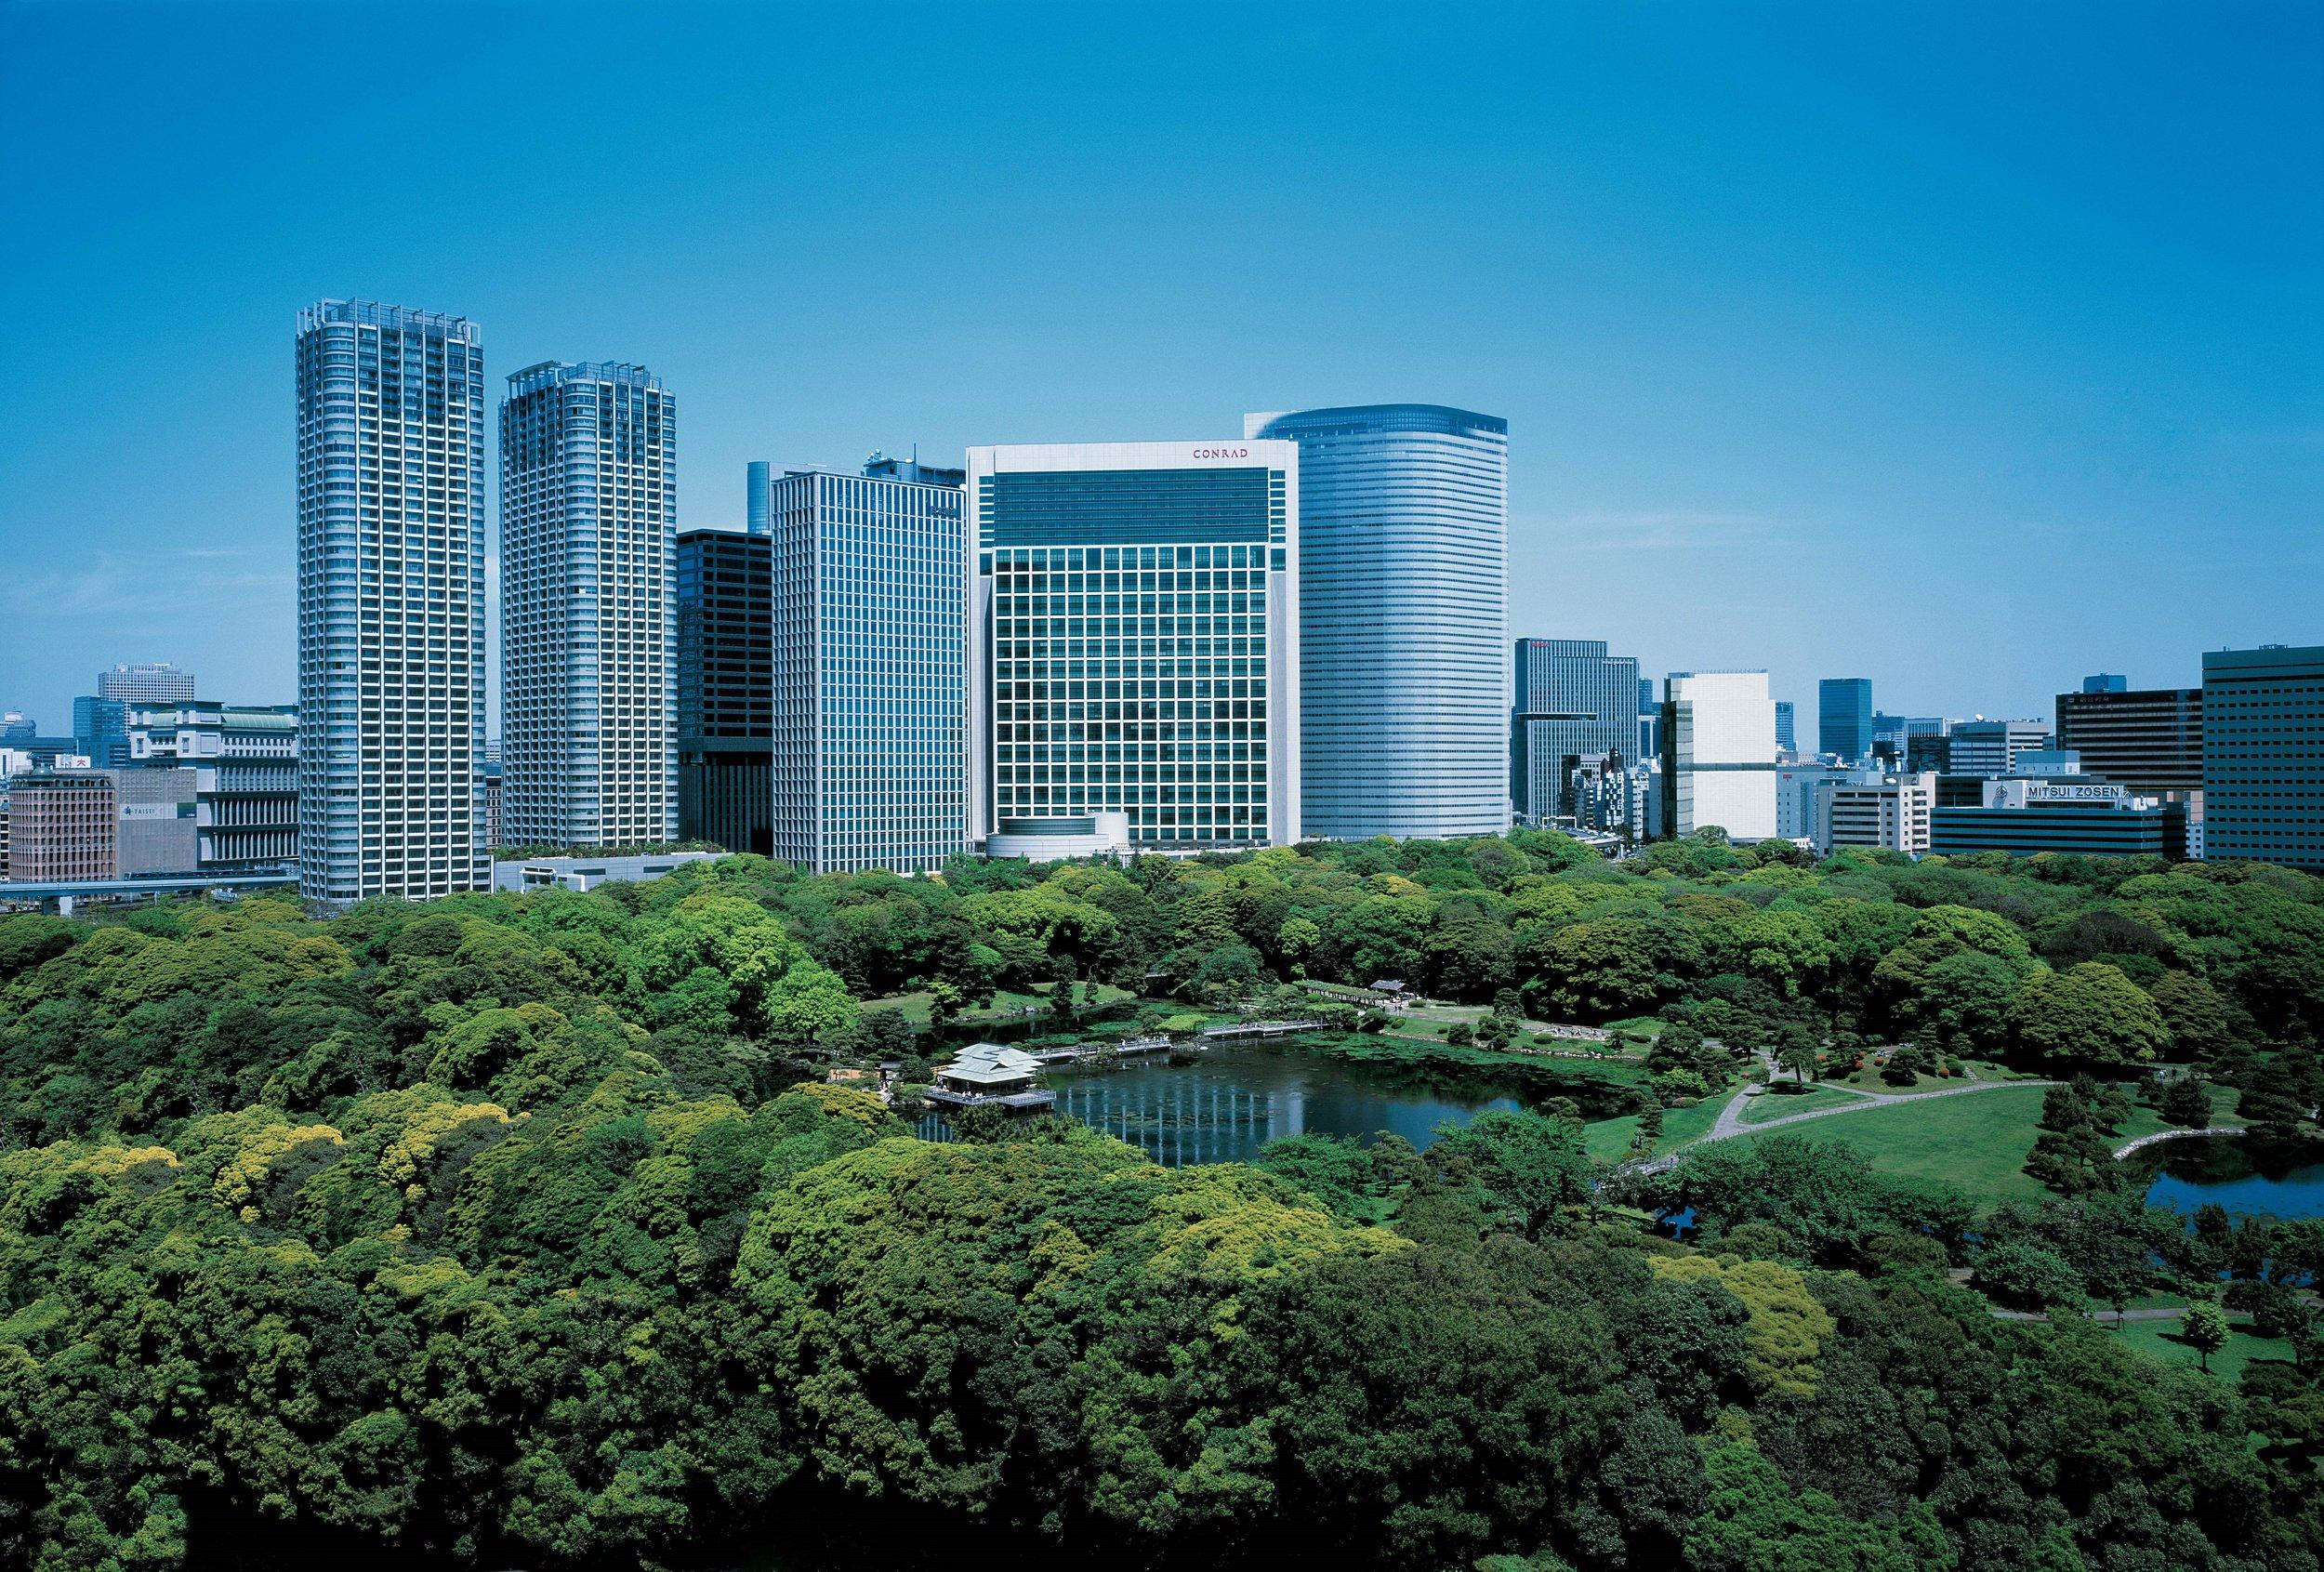 コンラッド東京がヒルトン創業 100 周年に贈る、コンラッド『スカイ・イントリーグ』 小型チャーター機とスーパーカーで東京‐大阪間をつなぐ 2 泊 3 日のプライベートツアー